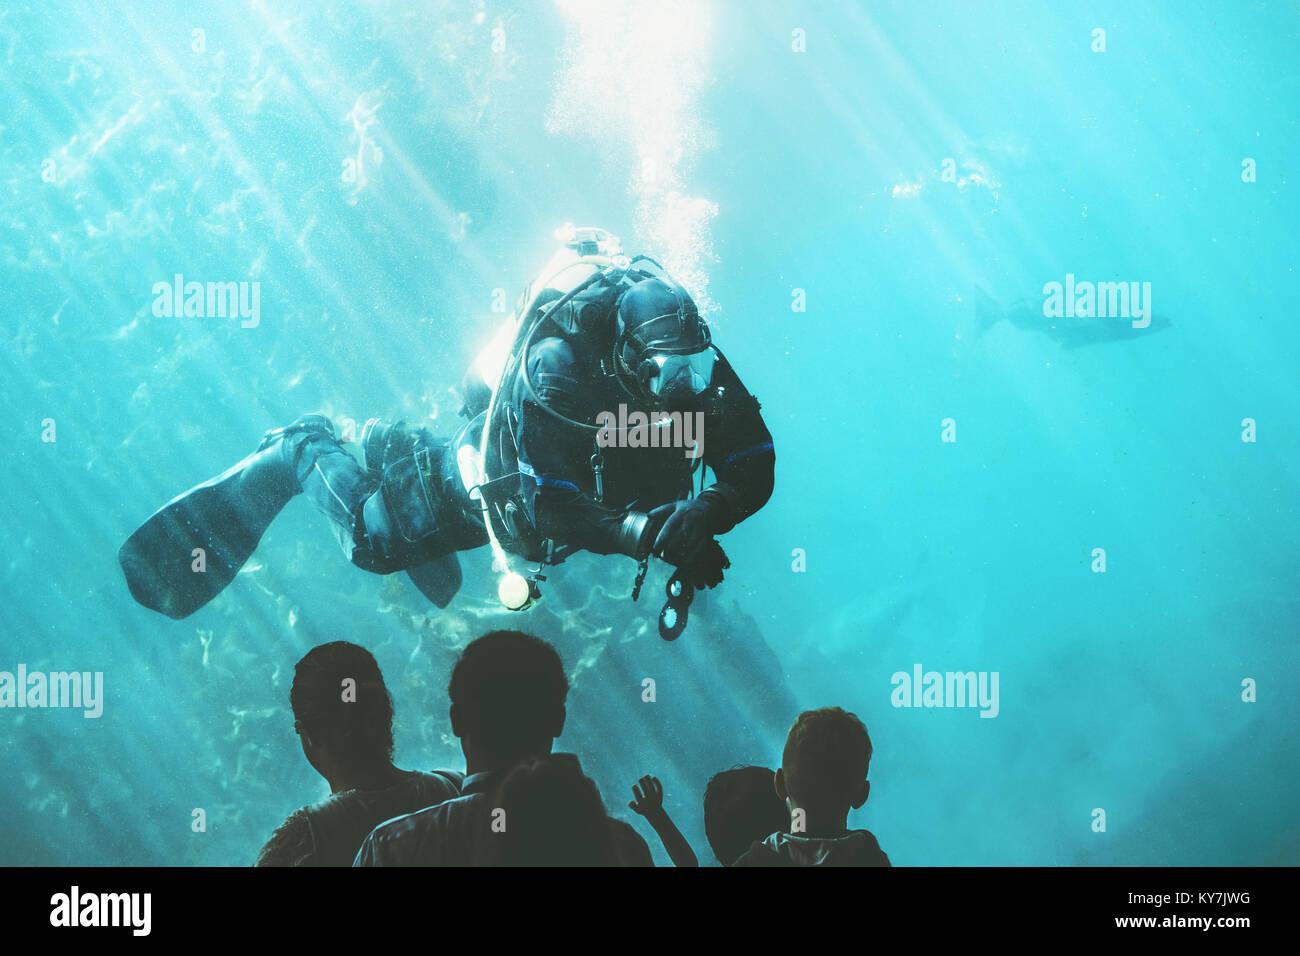 Sous-marin Plongeur dans l'aquarium poisson divertissement attraction touristique personnes méconnaissables Photo Stock